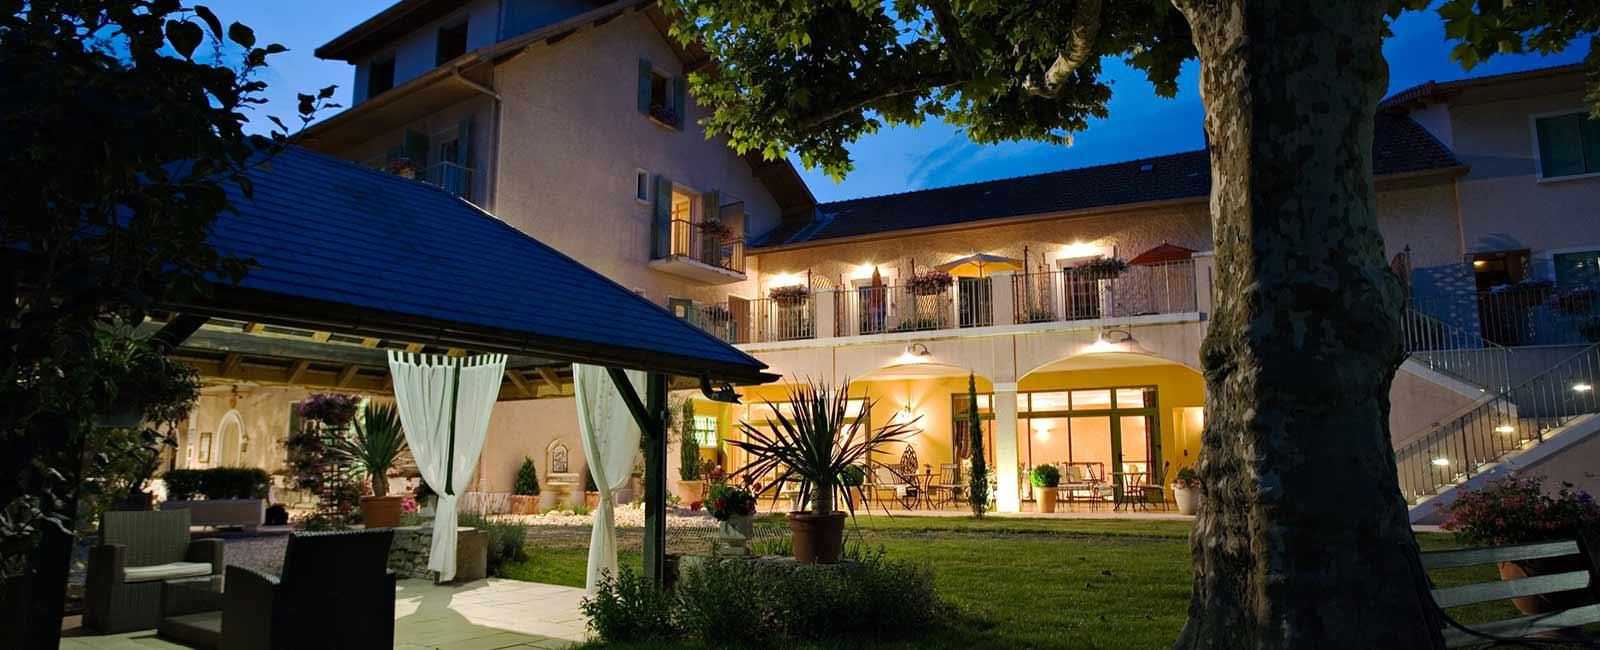 Restaurant St Simond Aix Les Bains